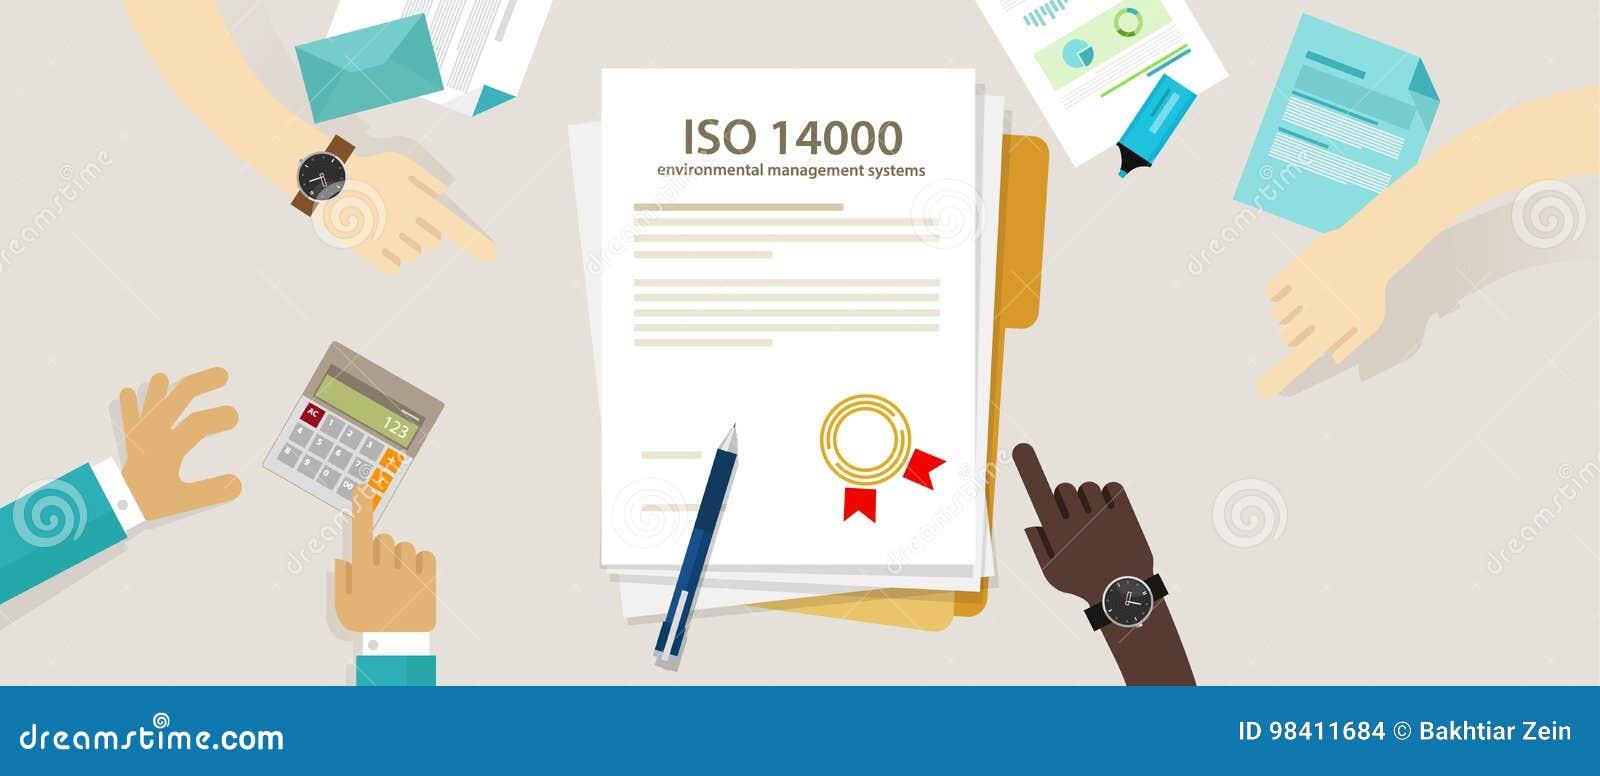 Conformidade do negócio dos padrões ambientais da gestão do ISO 14000 ao original da verificação da auditoria da mão da organizaç